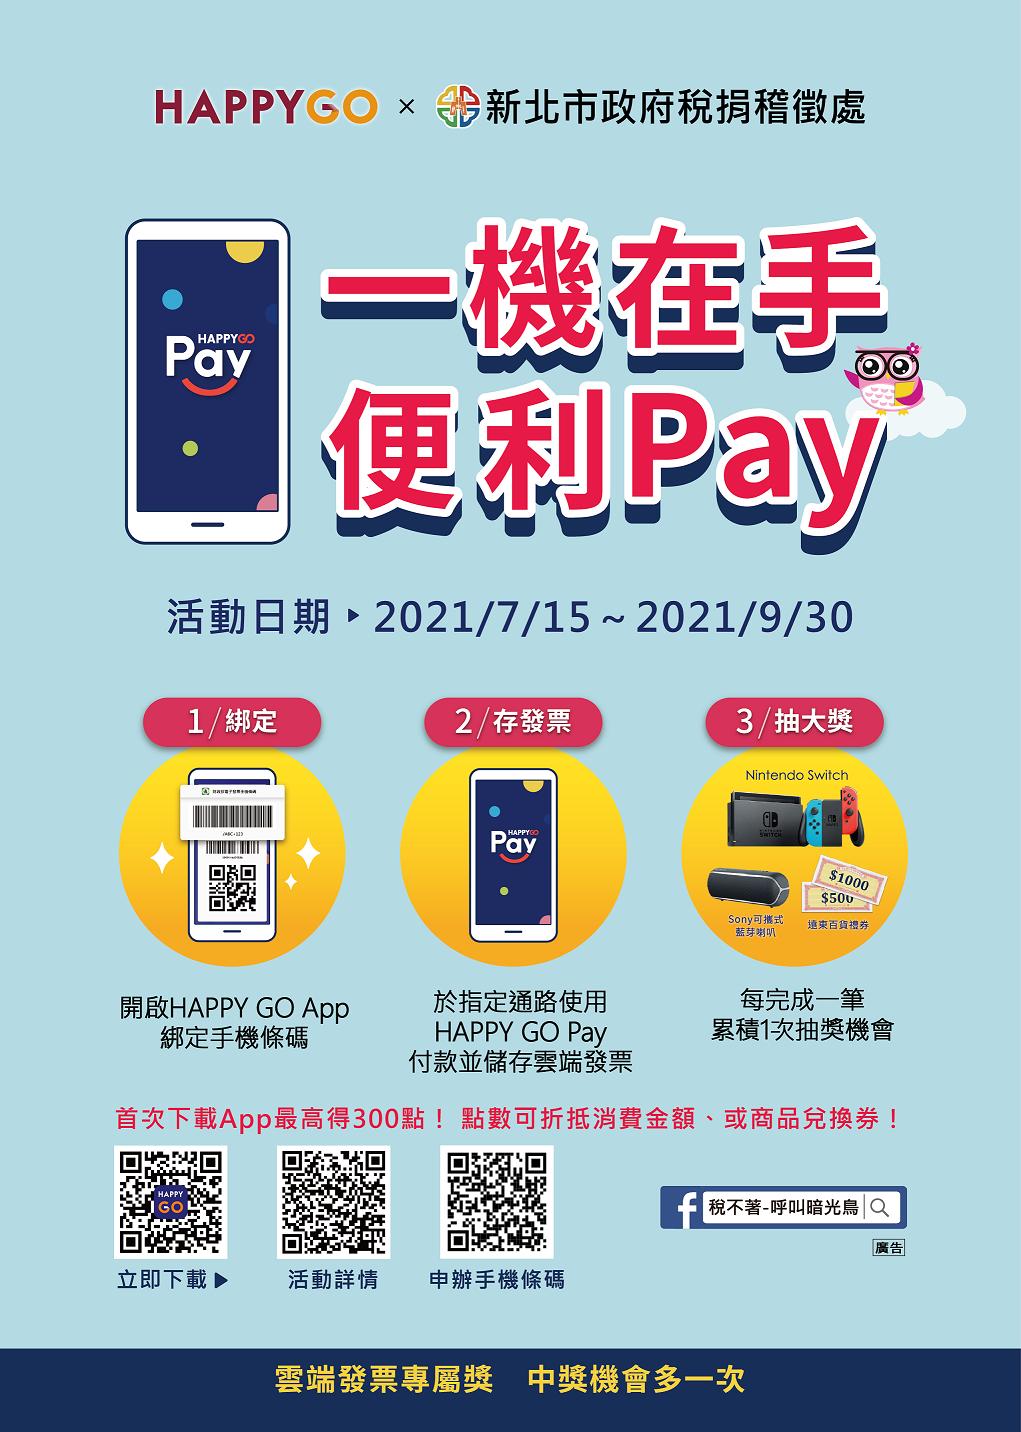 「一機在手便利Pay」活動宣導